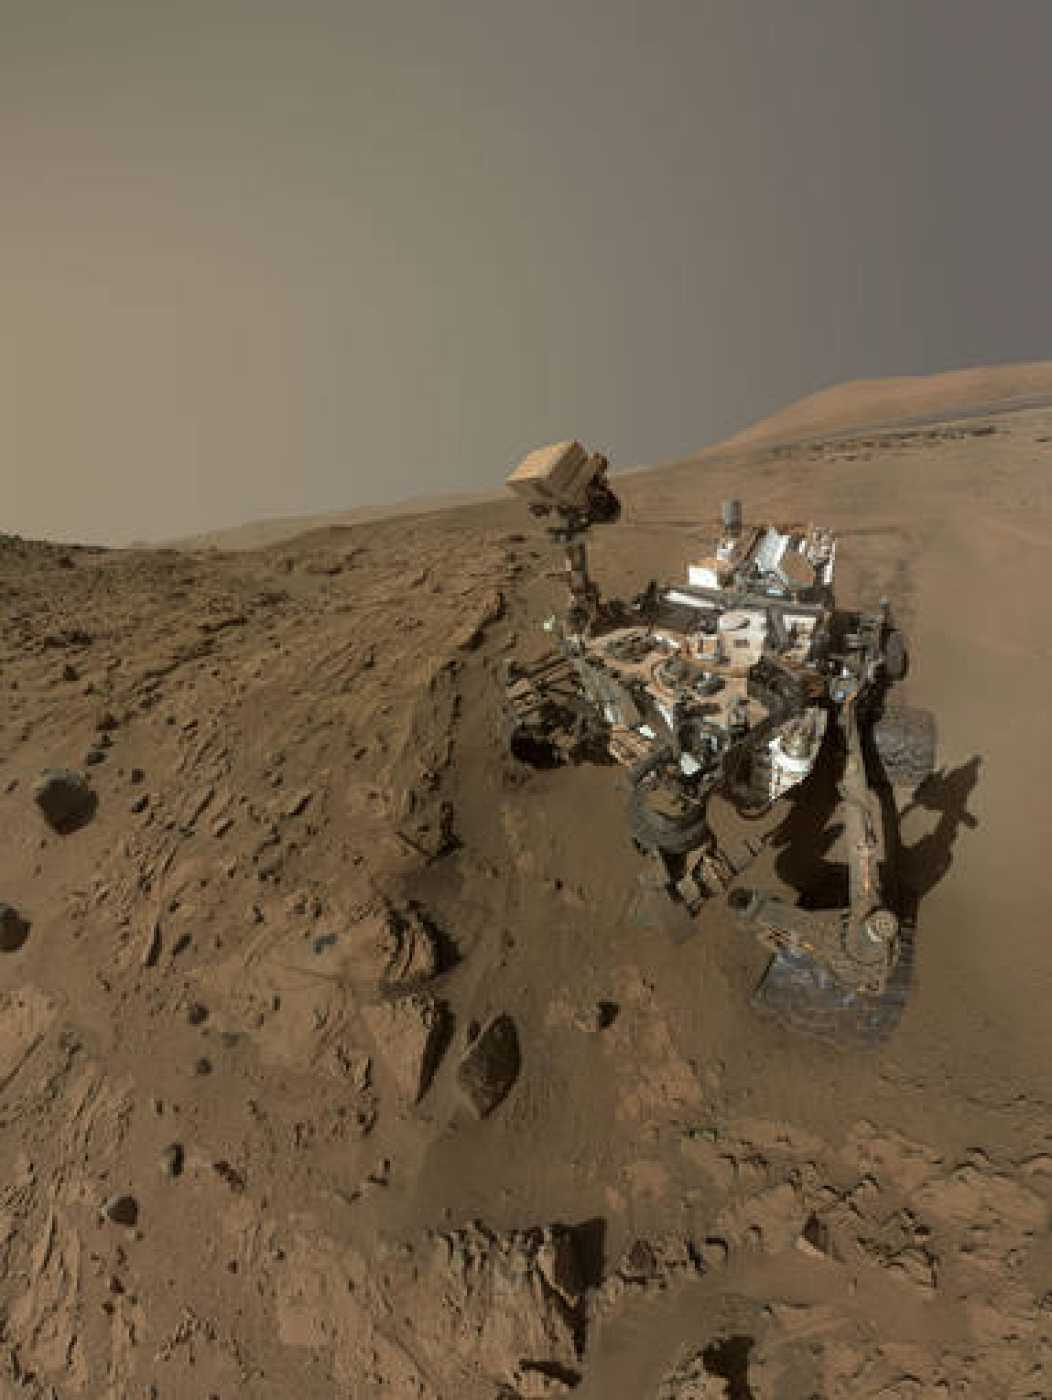 Autofoto del robot Curiosity tomada cuando perforó una roca de arena llamada Windjana.